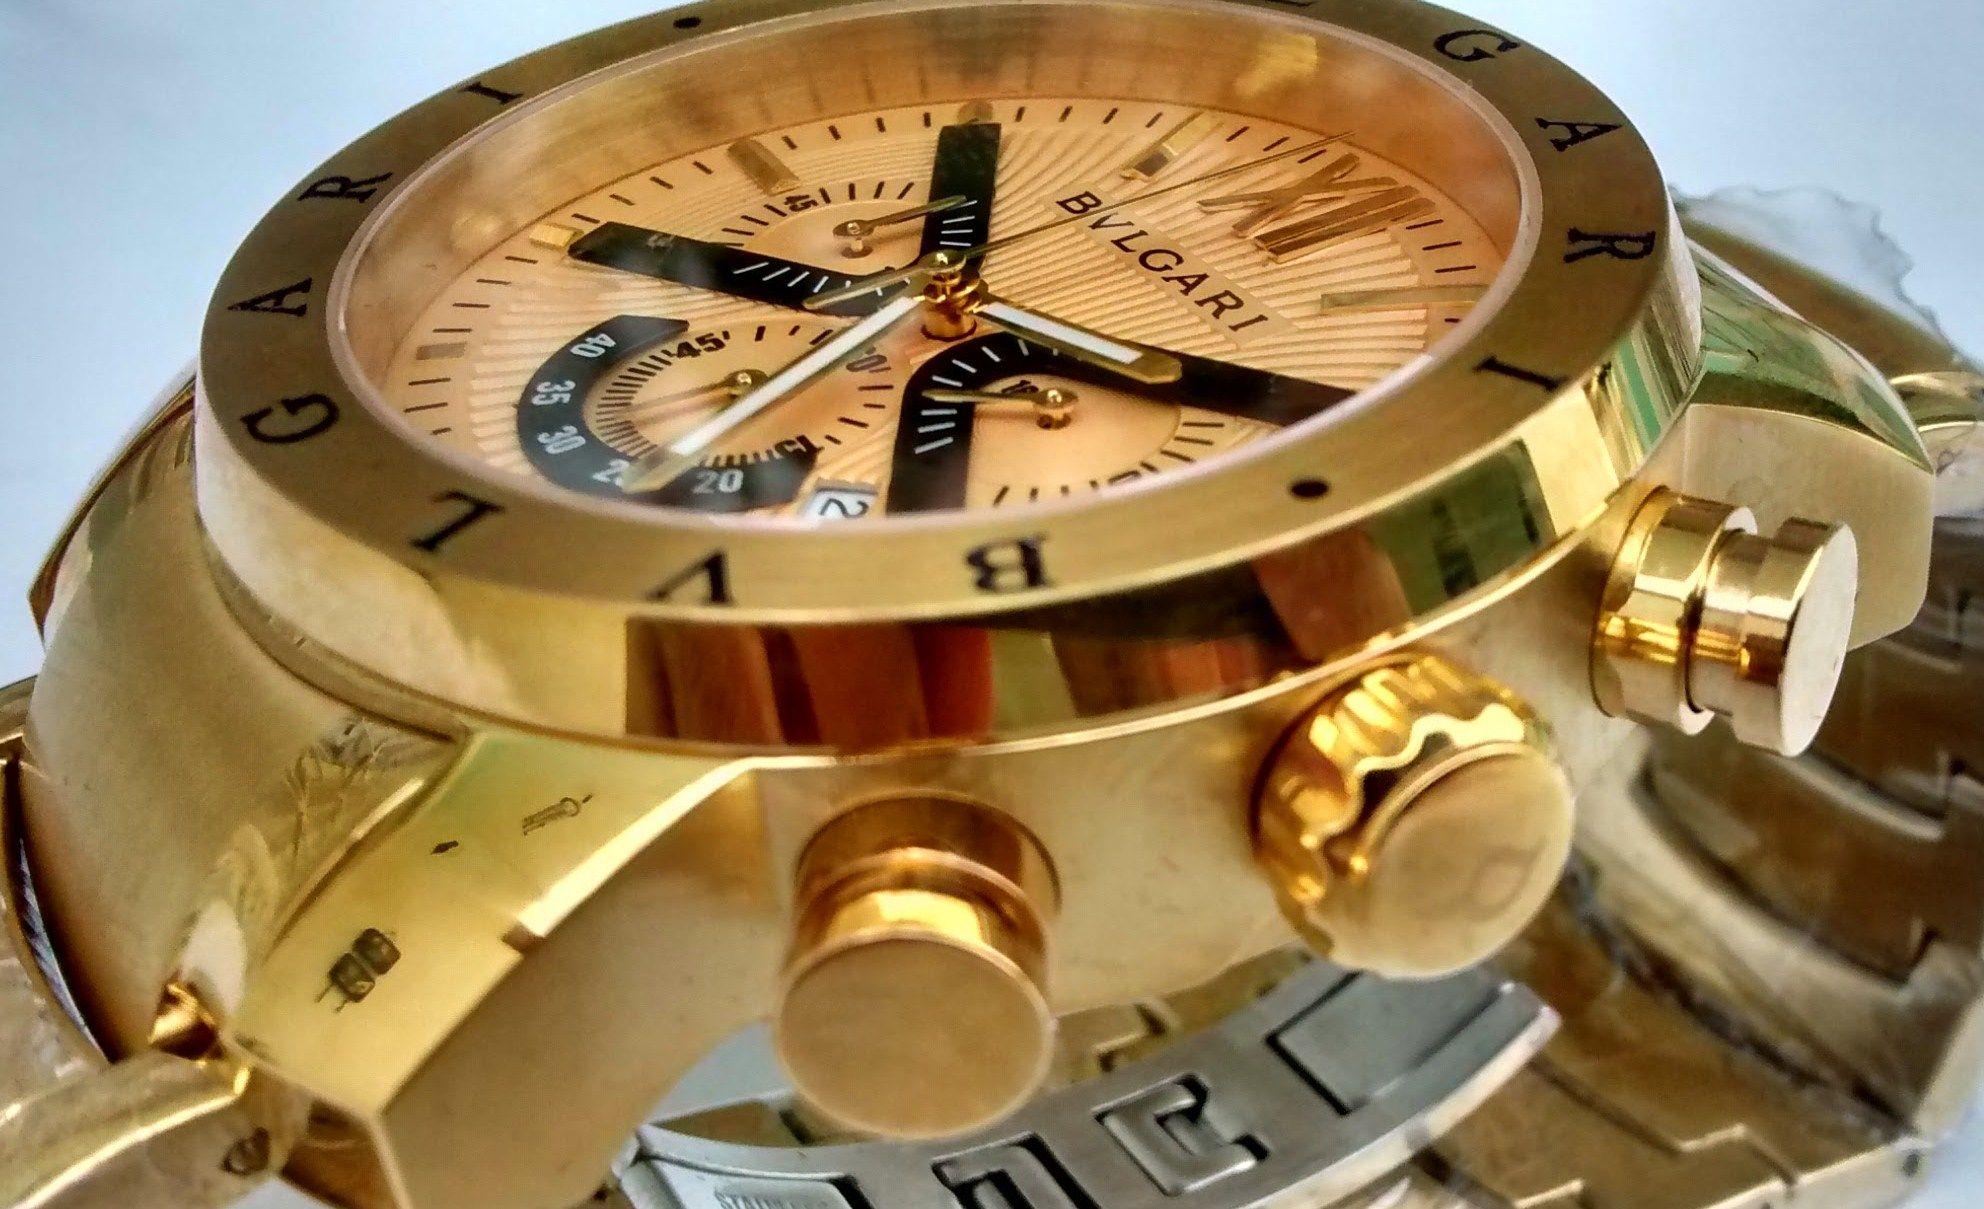 343fef9f04d Lindo Relógio Bvlgari Dourado Modelo Iron Man ( Homen de Ferro ) Acesse  www.w3shopimport.com e compre o seu.  bvlgari  bvlgari ironman  relogios ...